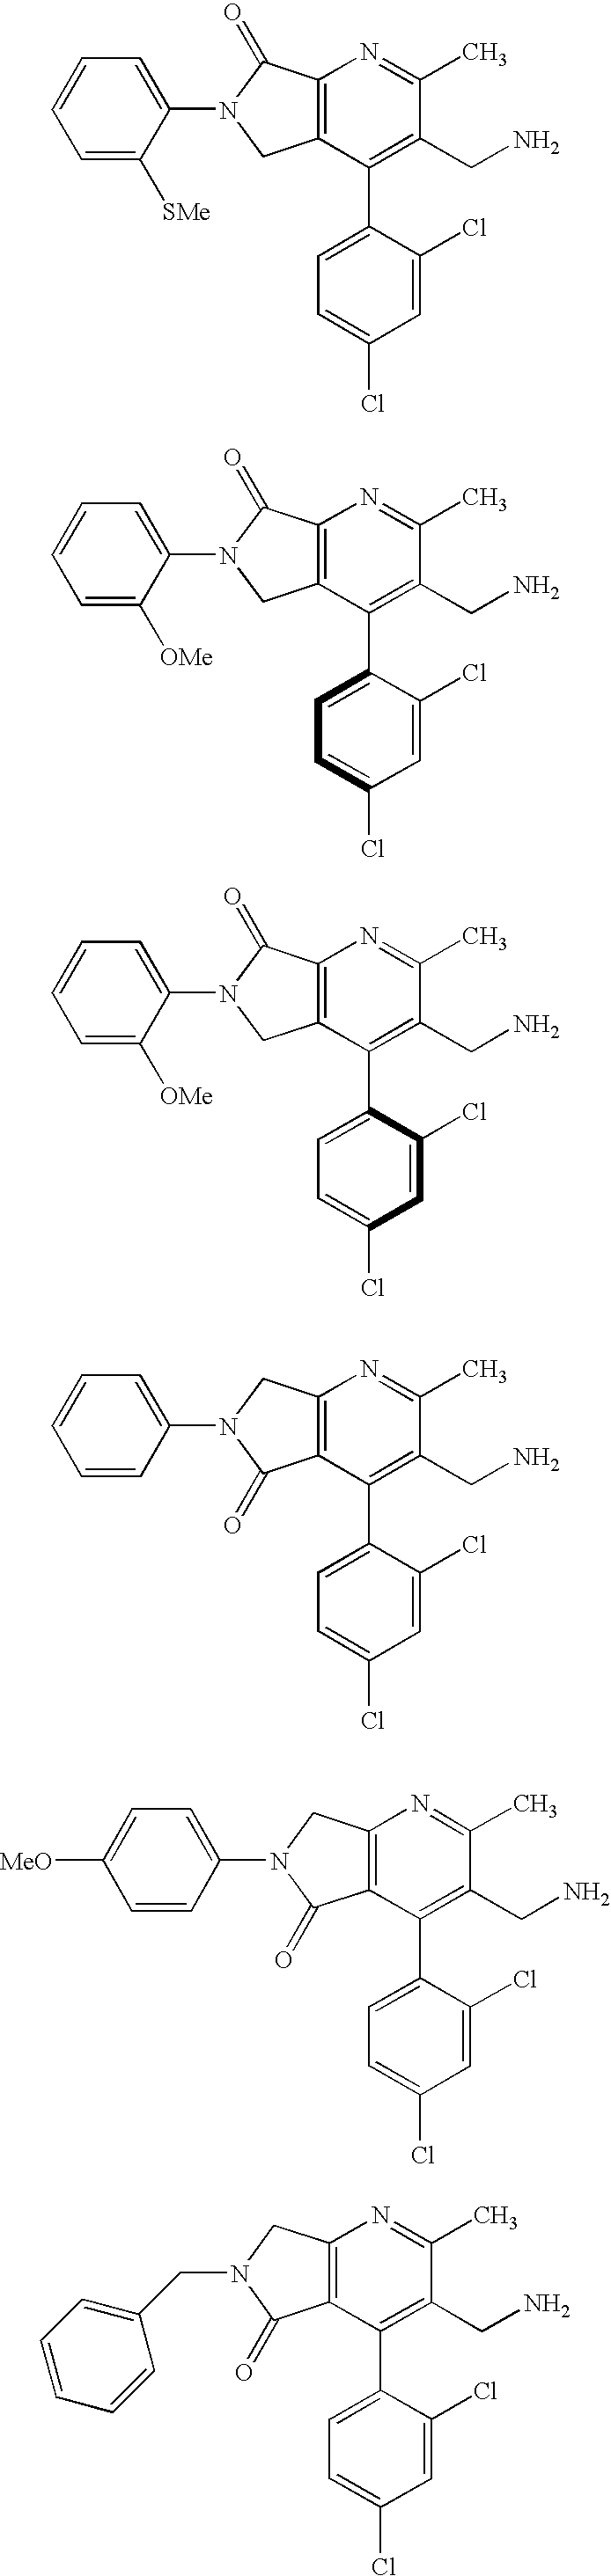 Figure US07521557-20090421-C00305